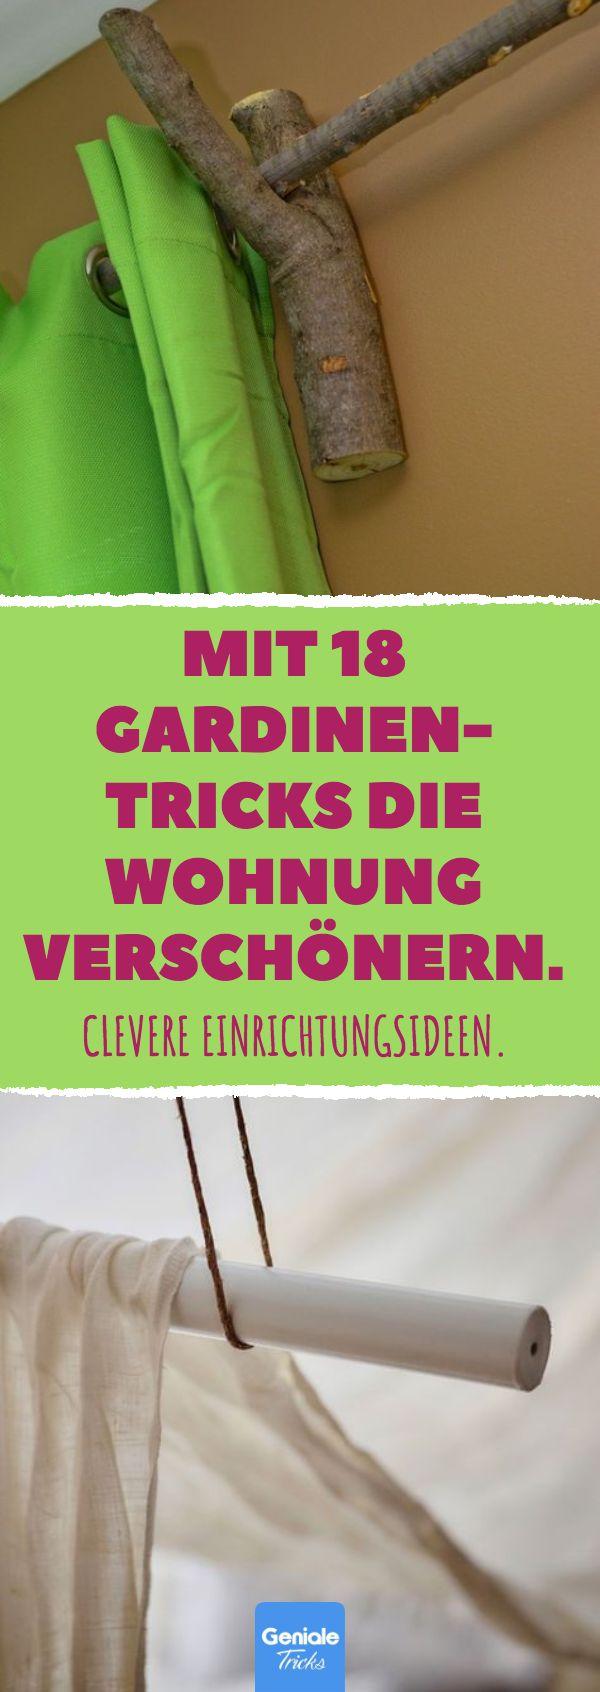 Mit 18 Gardinen-Tricks die Wohnung verschönern. 1…